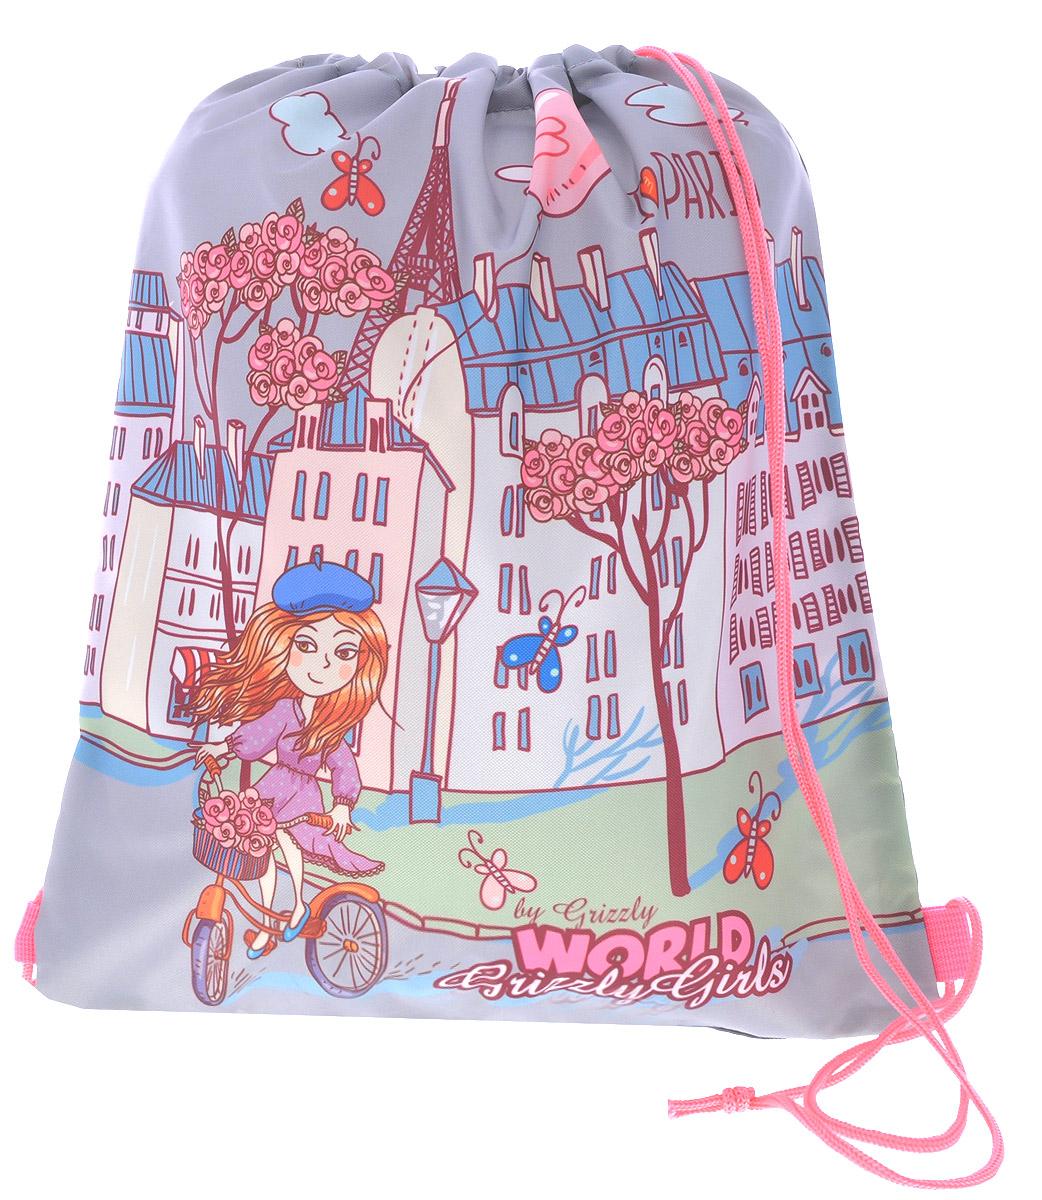 Grizzly Мешок для обуви World Grizzly Girls цвет серый розовыйOM-672-5/1Мешок для обуви Grizzly World Grizzly Girls идеально подойдет как для хранения, так и для переноски сменной обуви и одежды. Мешок выполнен из прочного материала и содержит одно вместительное отделение, затягивающееся с помощью текстильных шнурков. Шнурки фиксируются в нижней части сумки, благодаря чему ее можно носить за спиной как рюкзак. Ваш ребенок с радостью будет ходить с таким аксессуаром в школу! Уход: протирать мыльным раствором (без хлора) при температуре не выше 30 градусов.